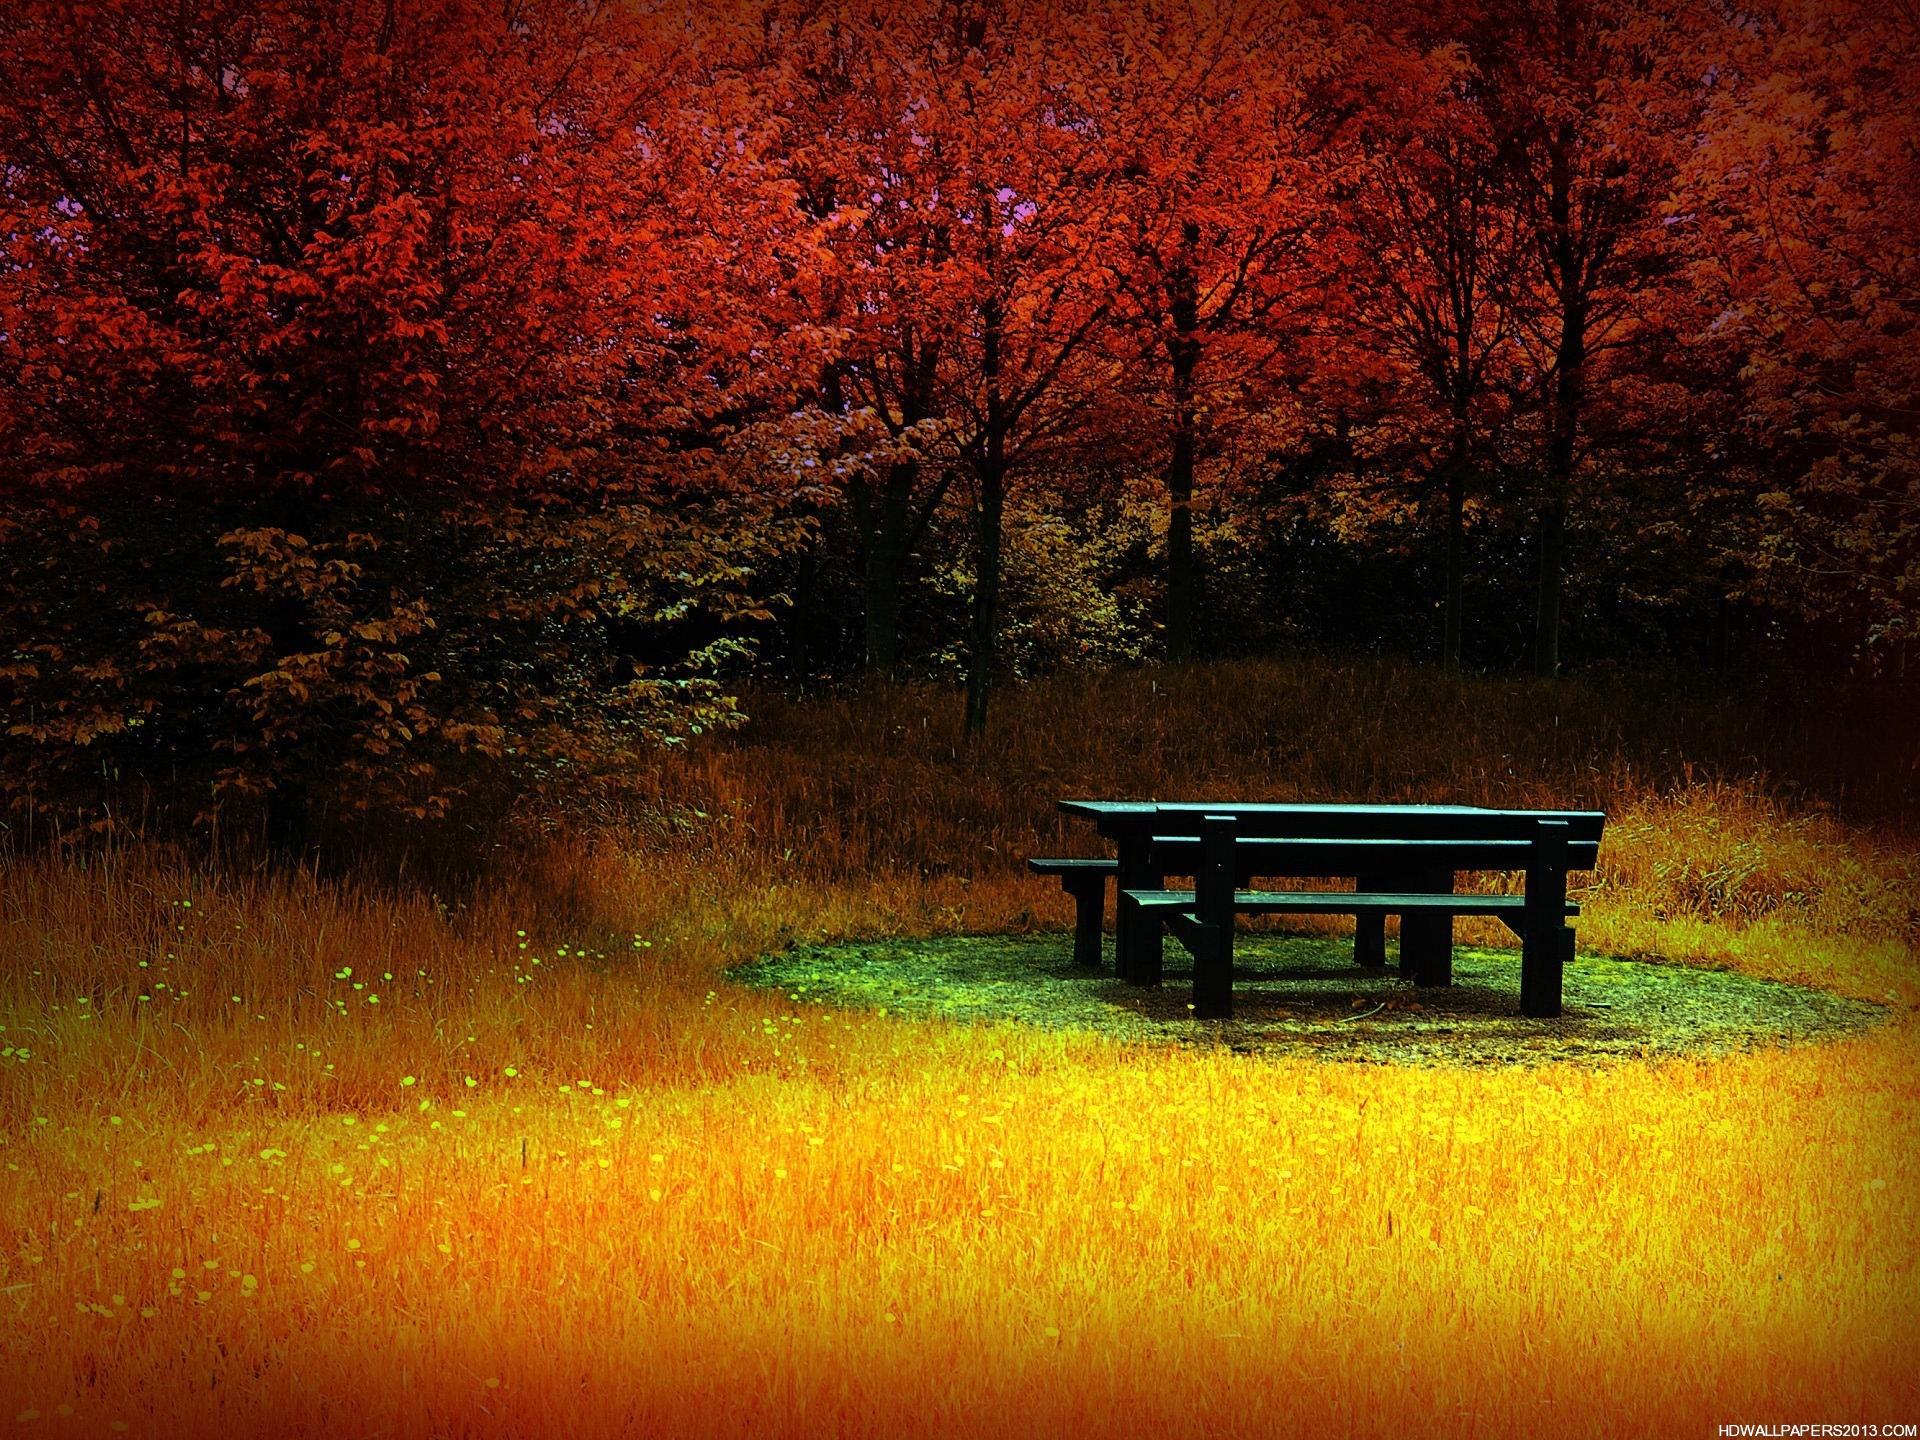 autumn desktop wallpaper hd wallpapers autumn desktop wallpaper hd 1920x1440